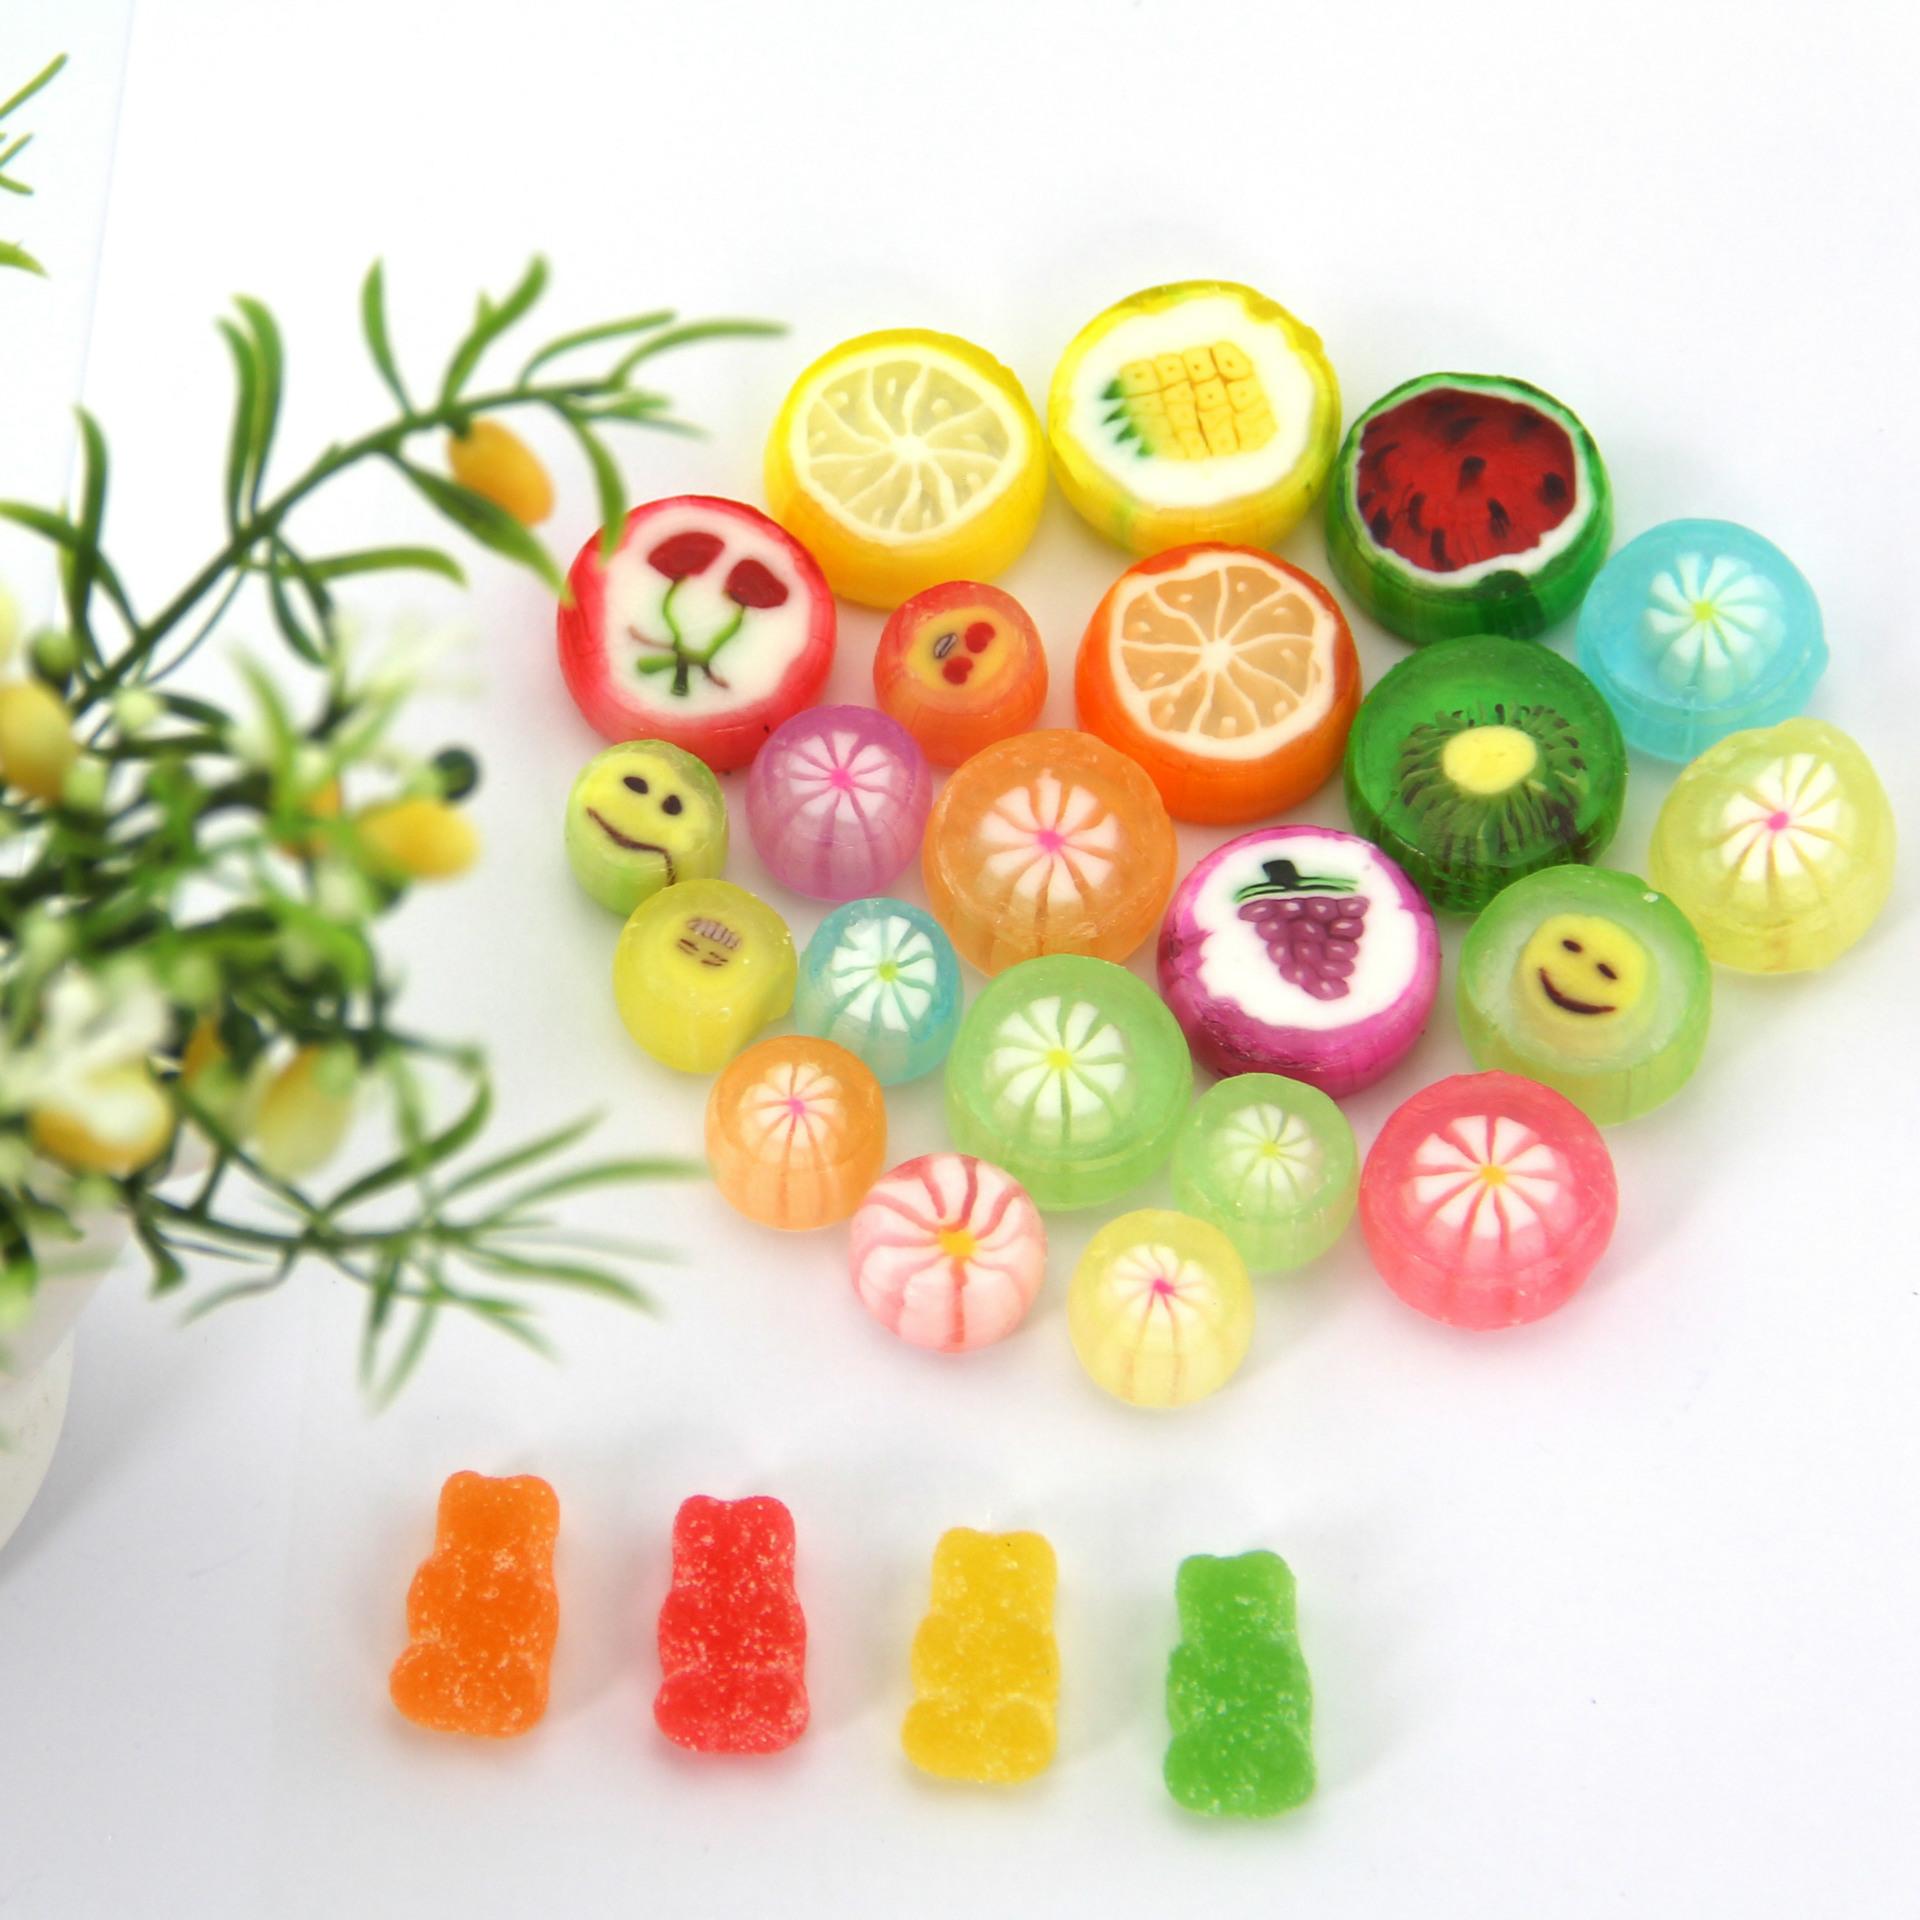 水果硬糖_4克水果硬糖 散裝切片硬糖果硬糖創意手工糖婚慶 - 阿里巴巴